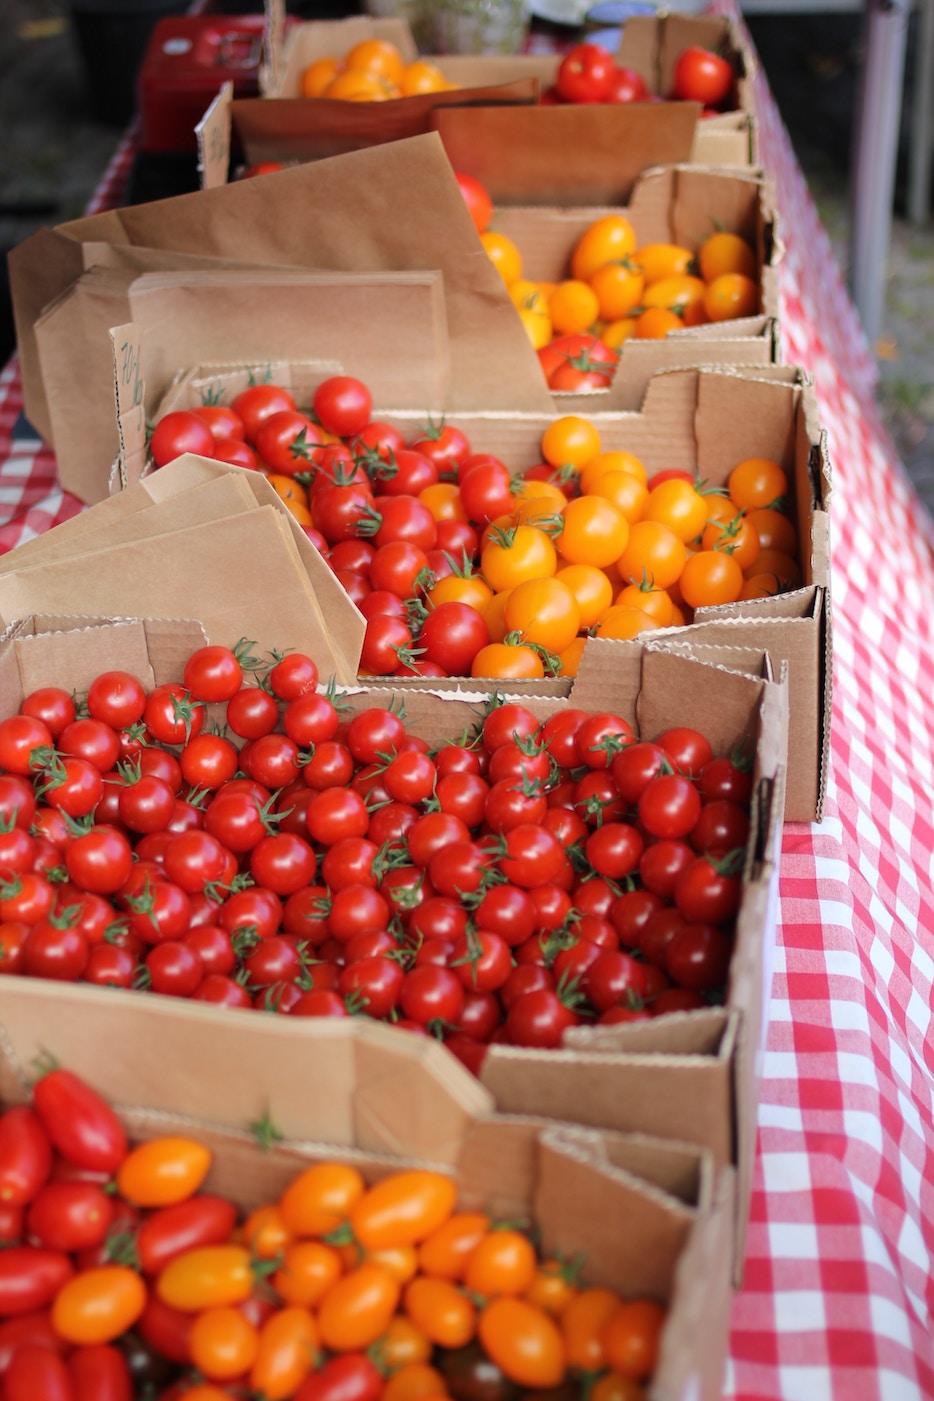 tomatoes, lycopene